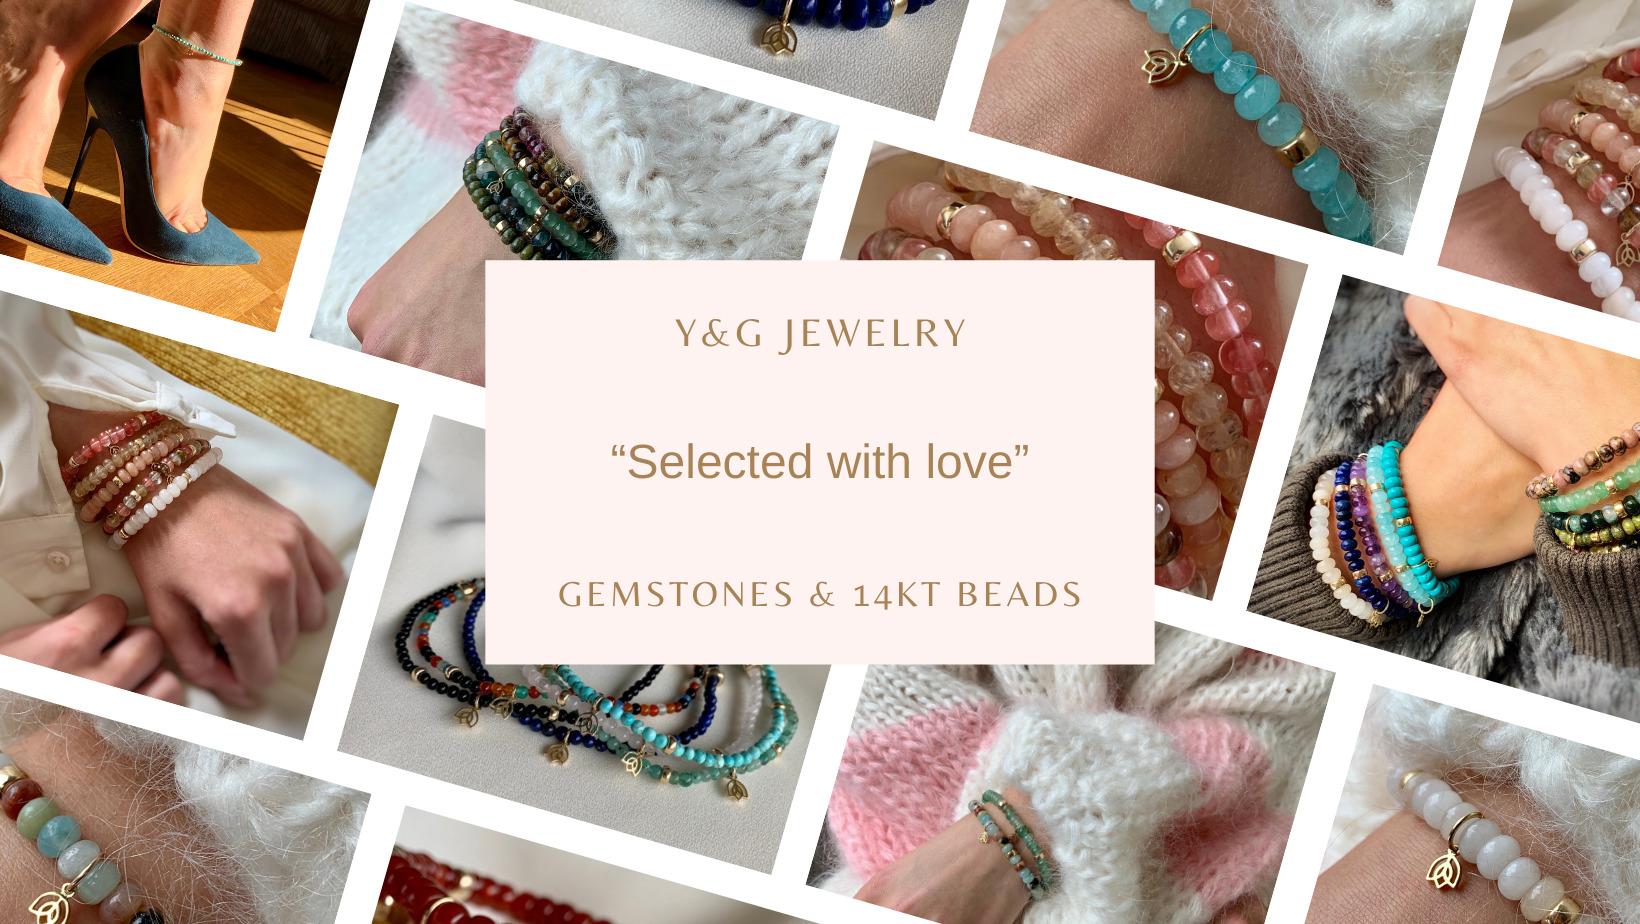 Y&G Jewelry